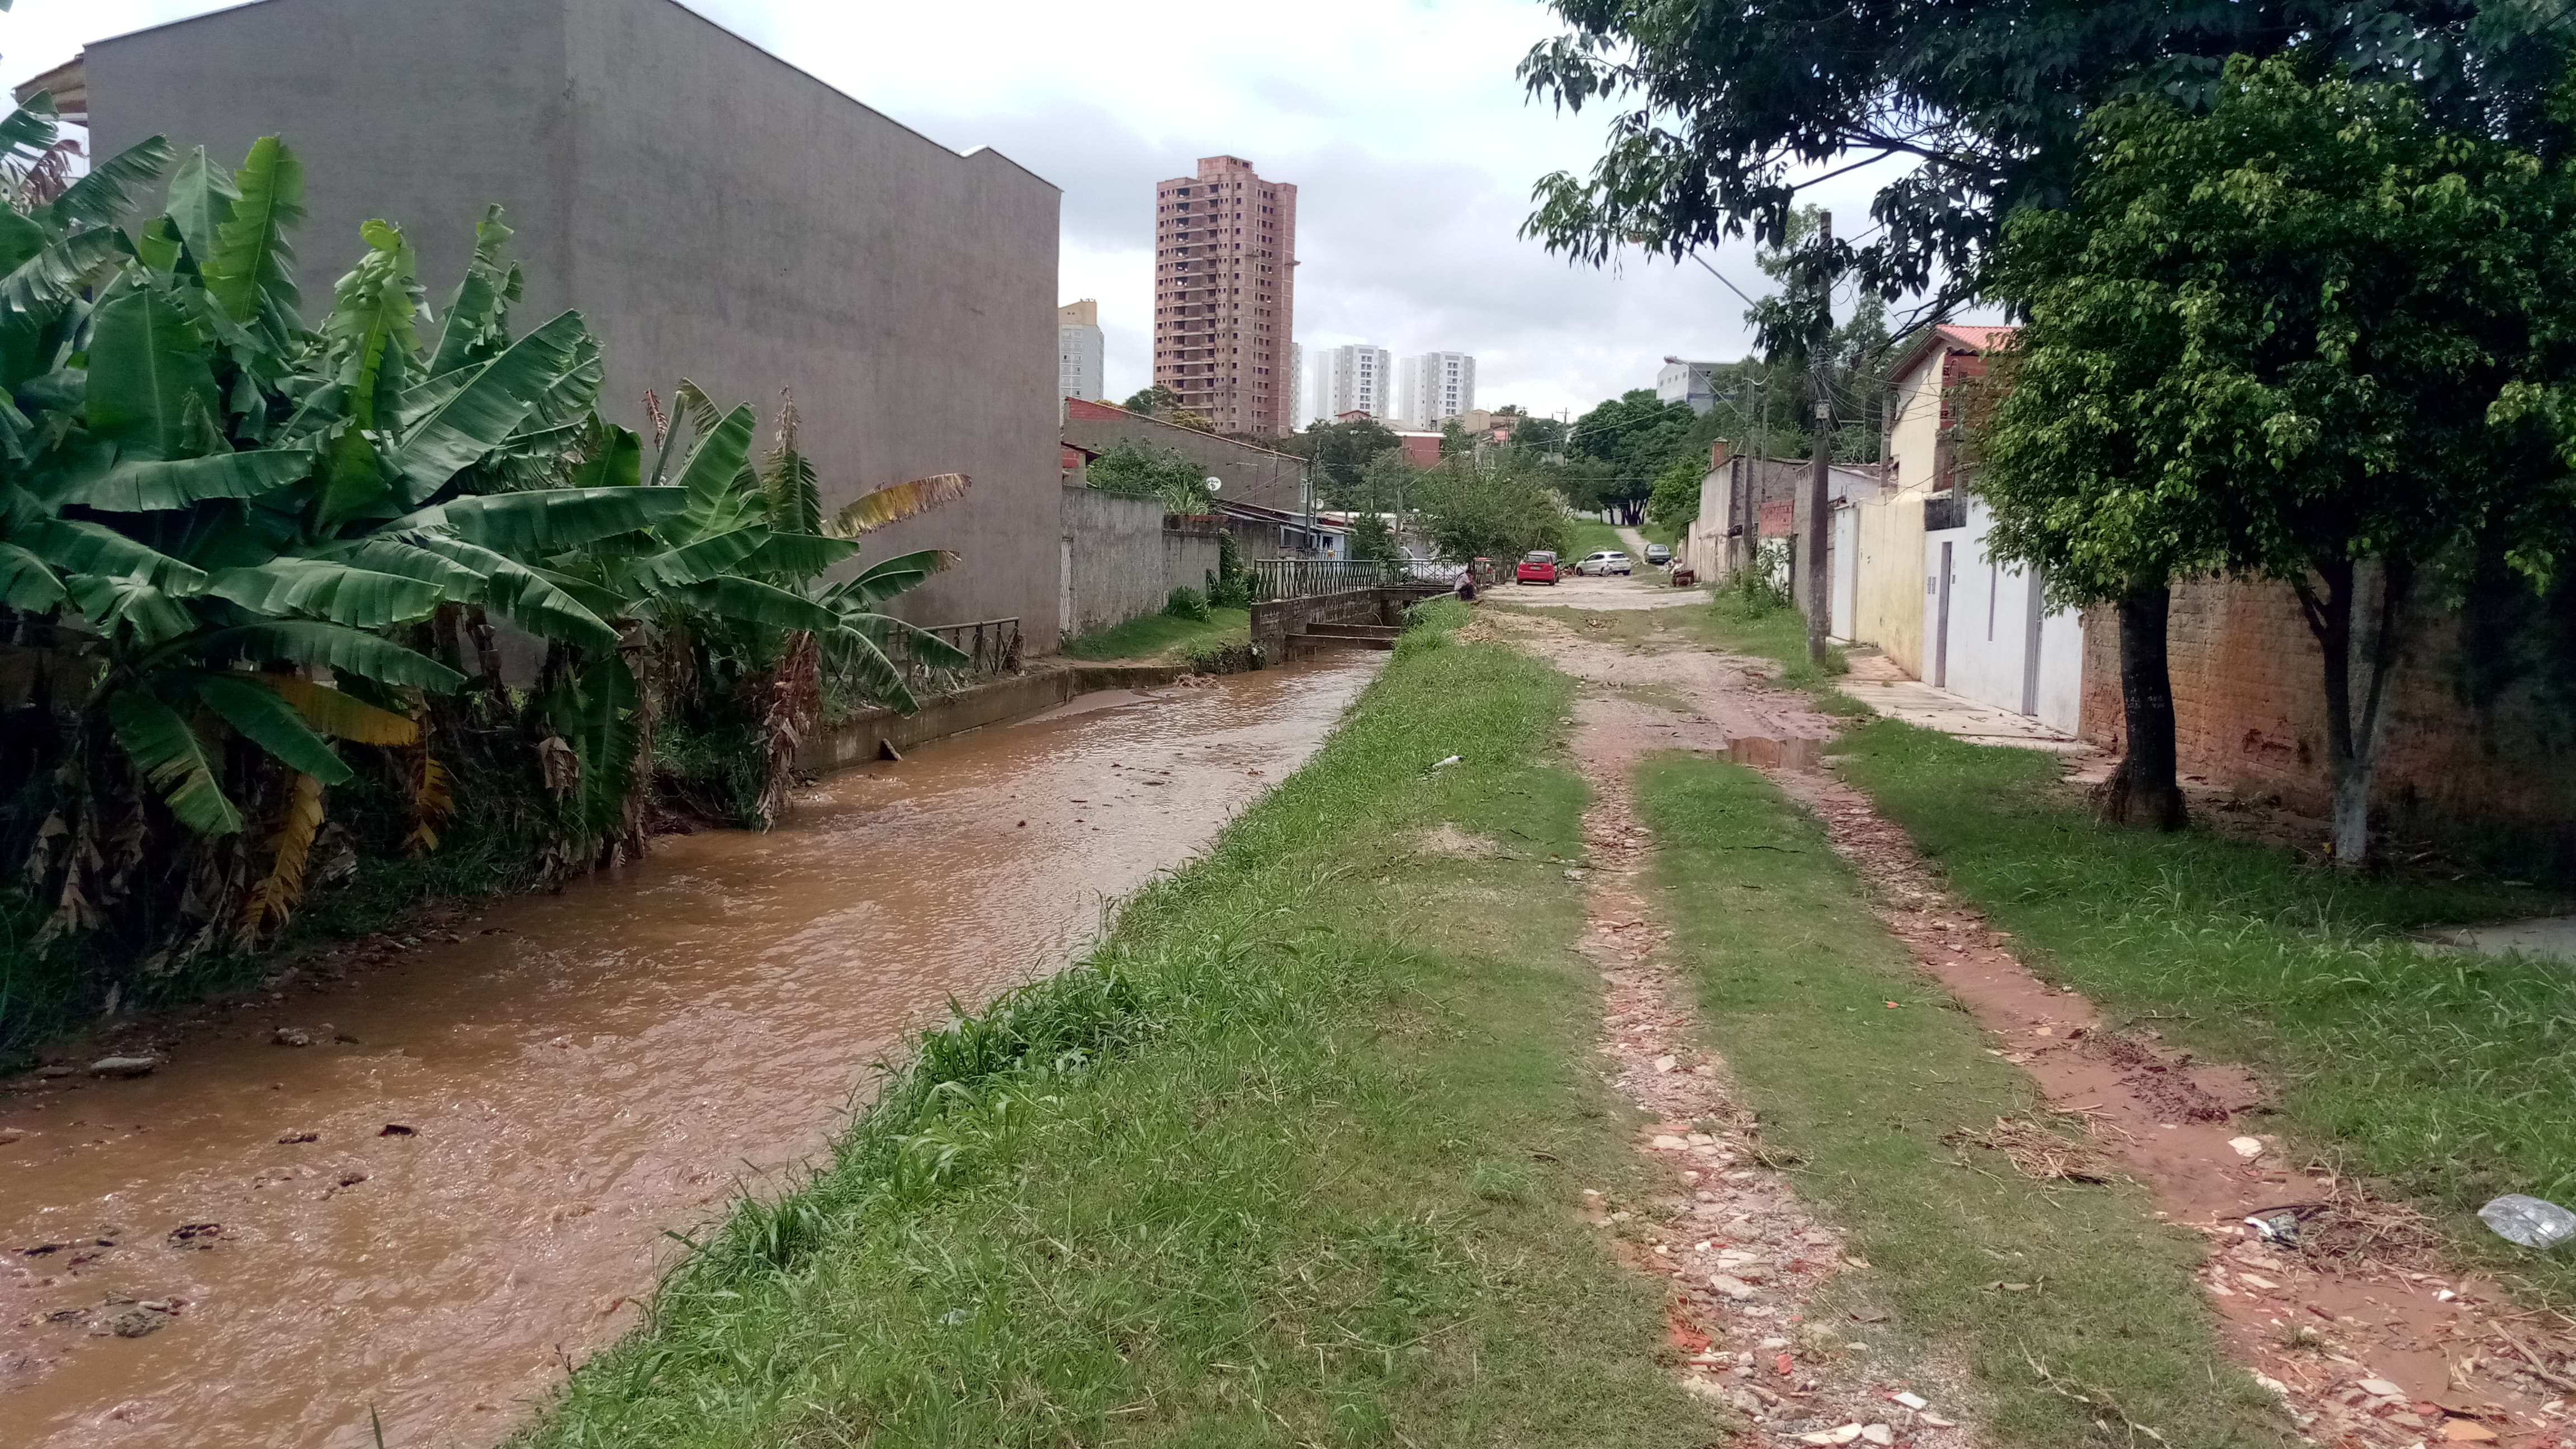 denúncia de assoreamento e inundações na parte baixa do córrego devido a terraplenagem de loteamento em construção